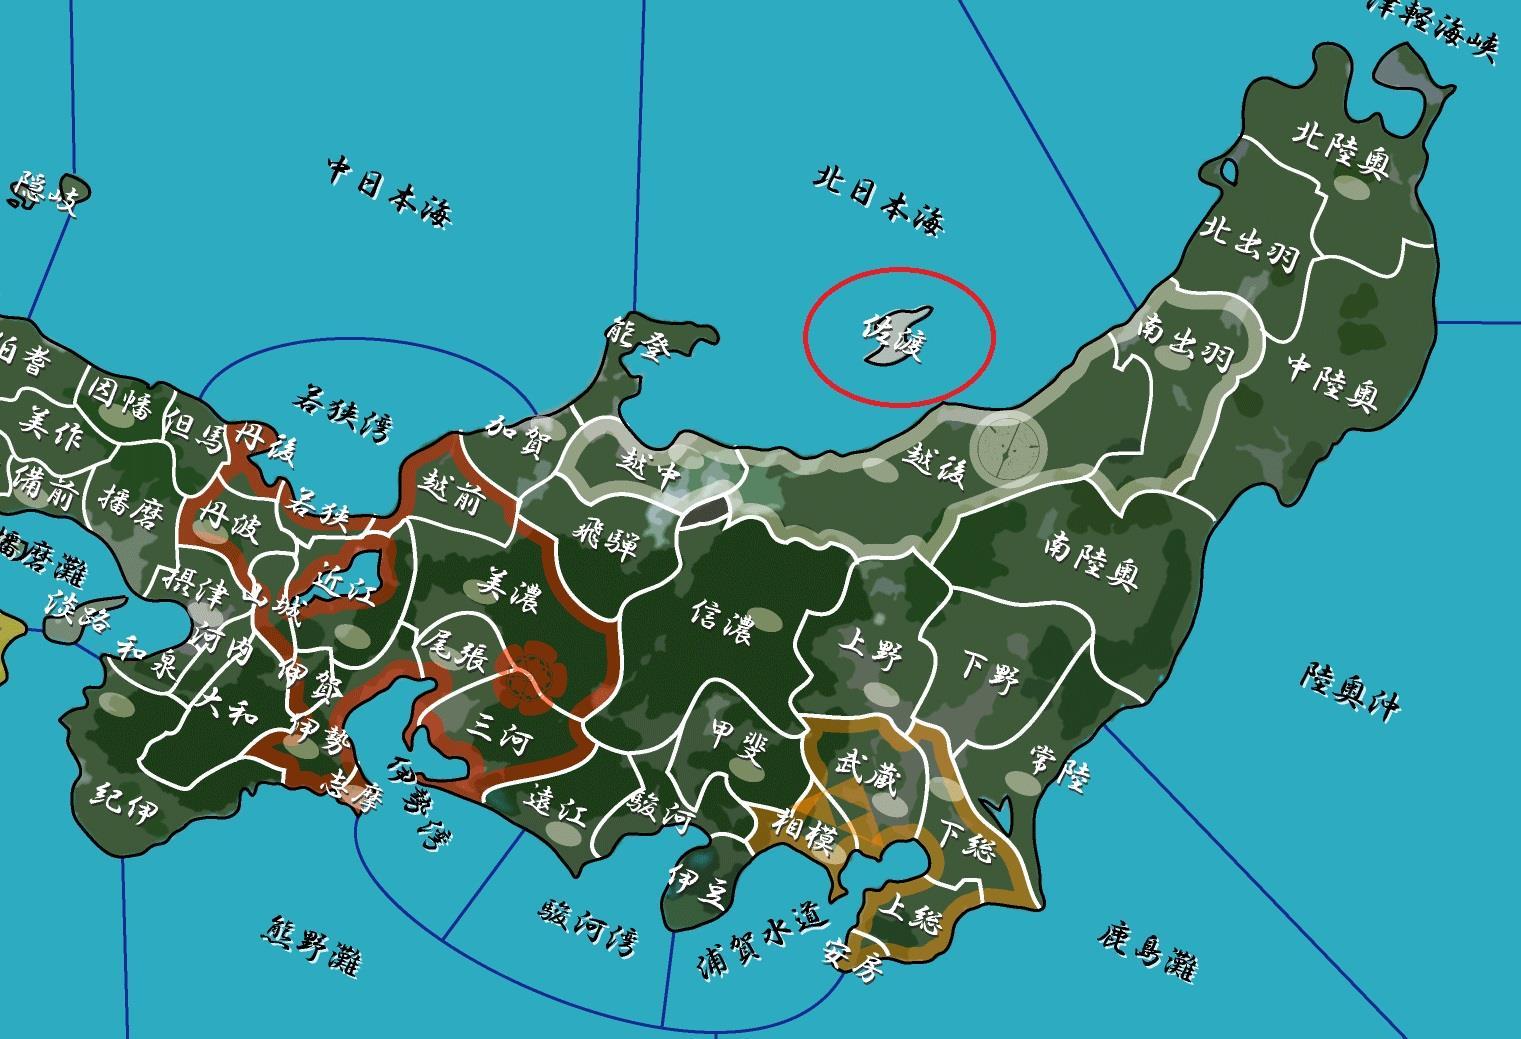 佐渡 地図